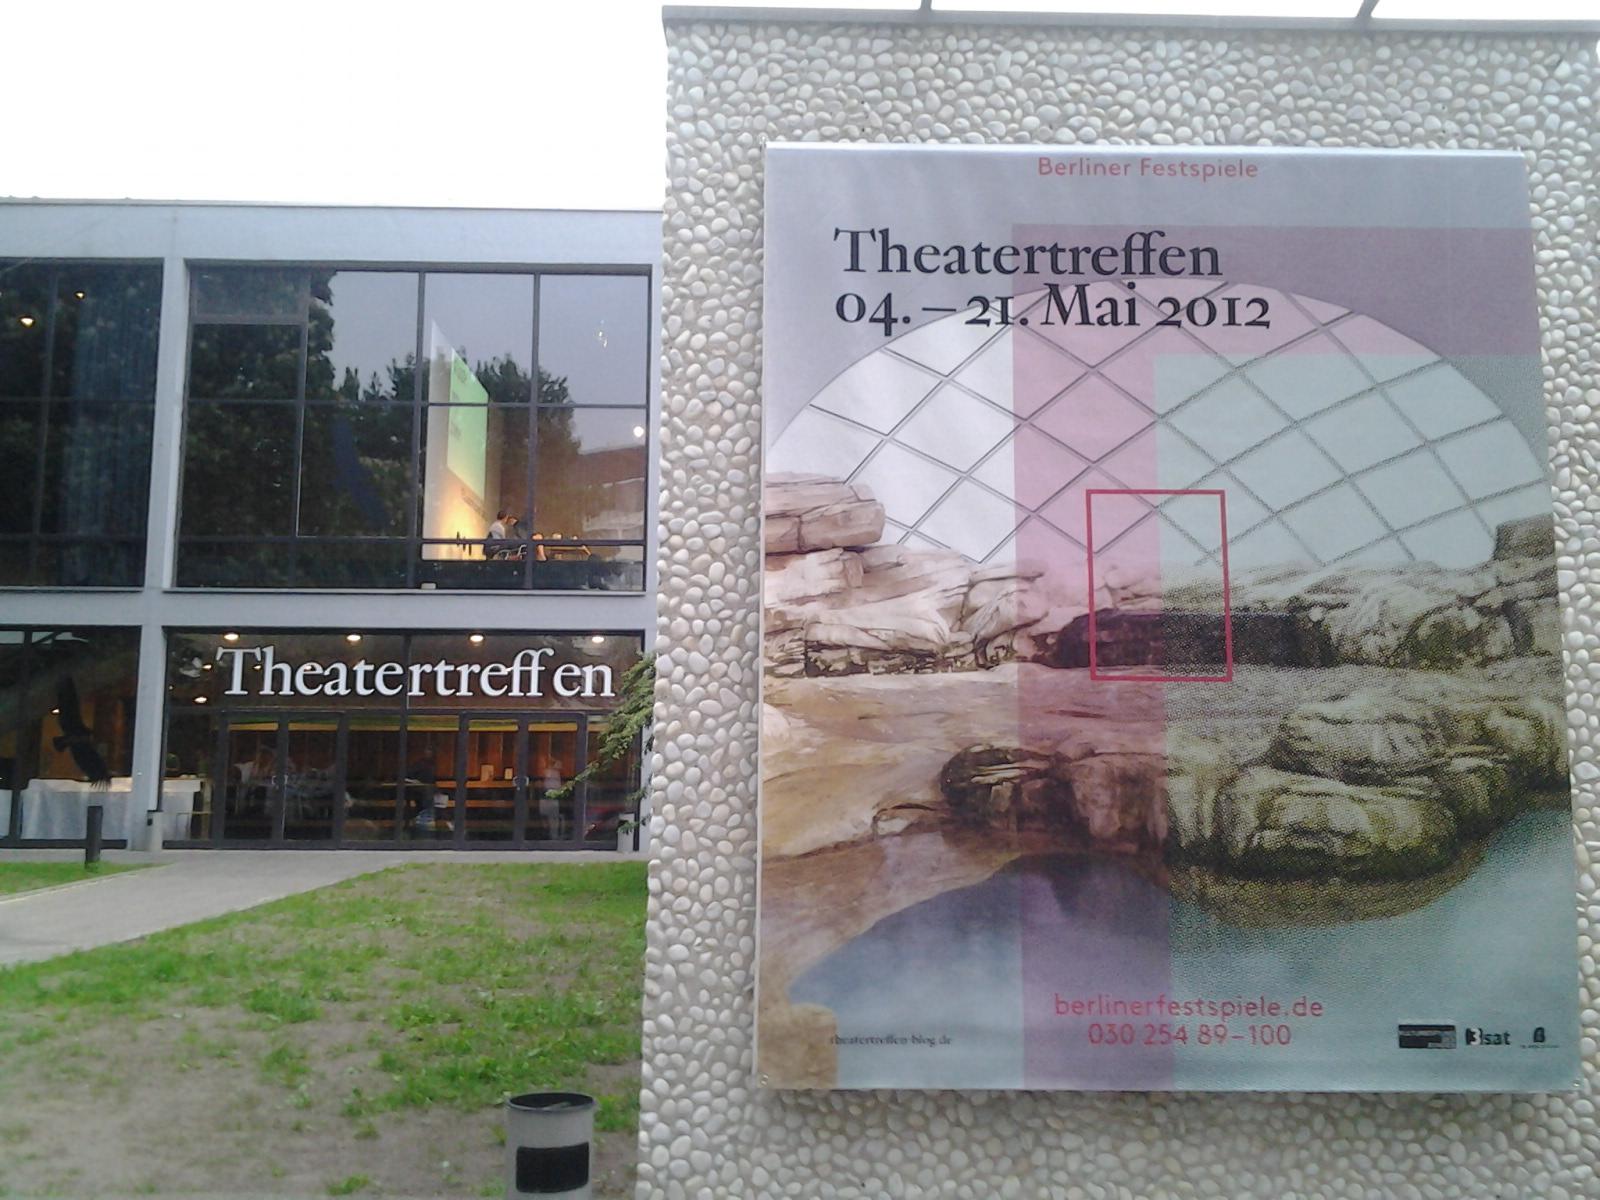 theatertreffen-2012.jpg